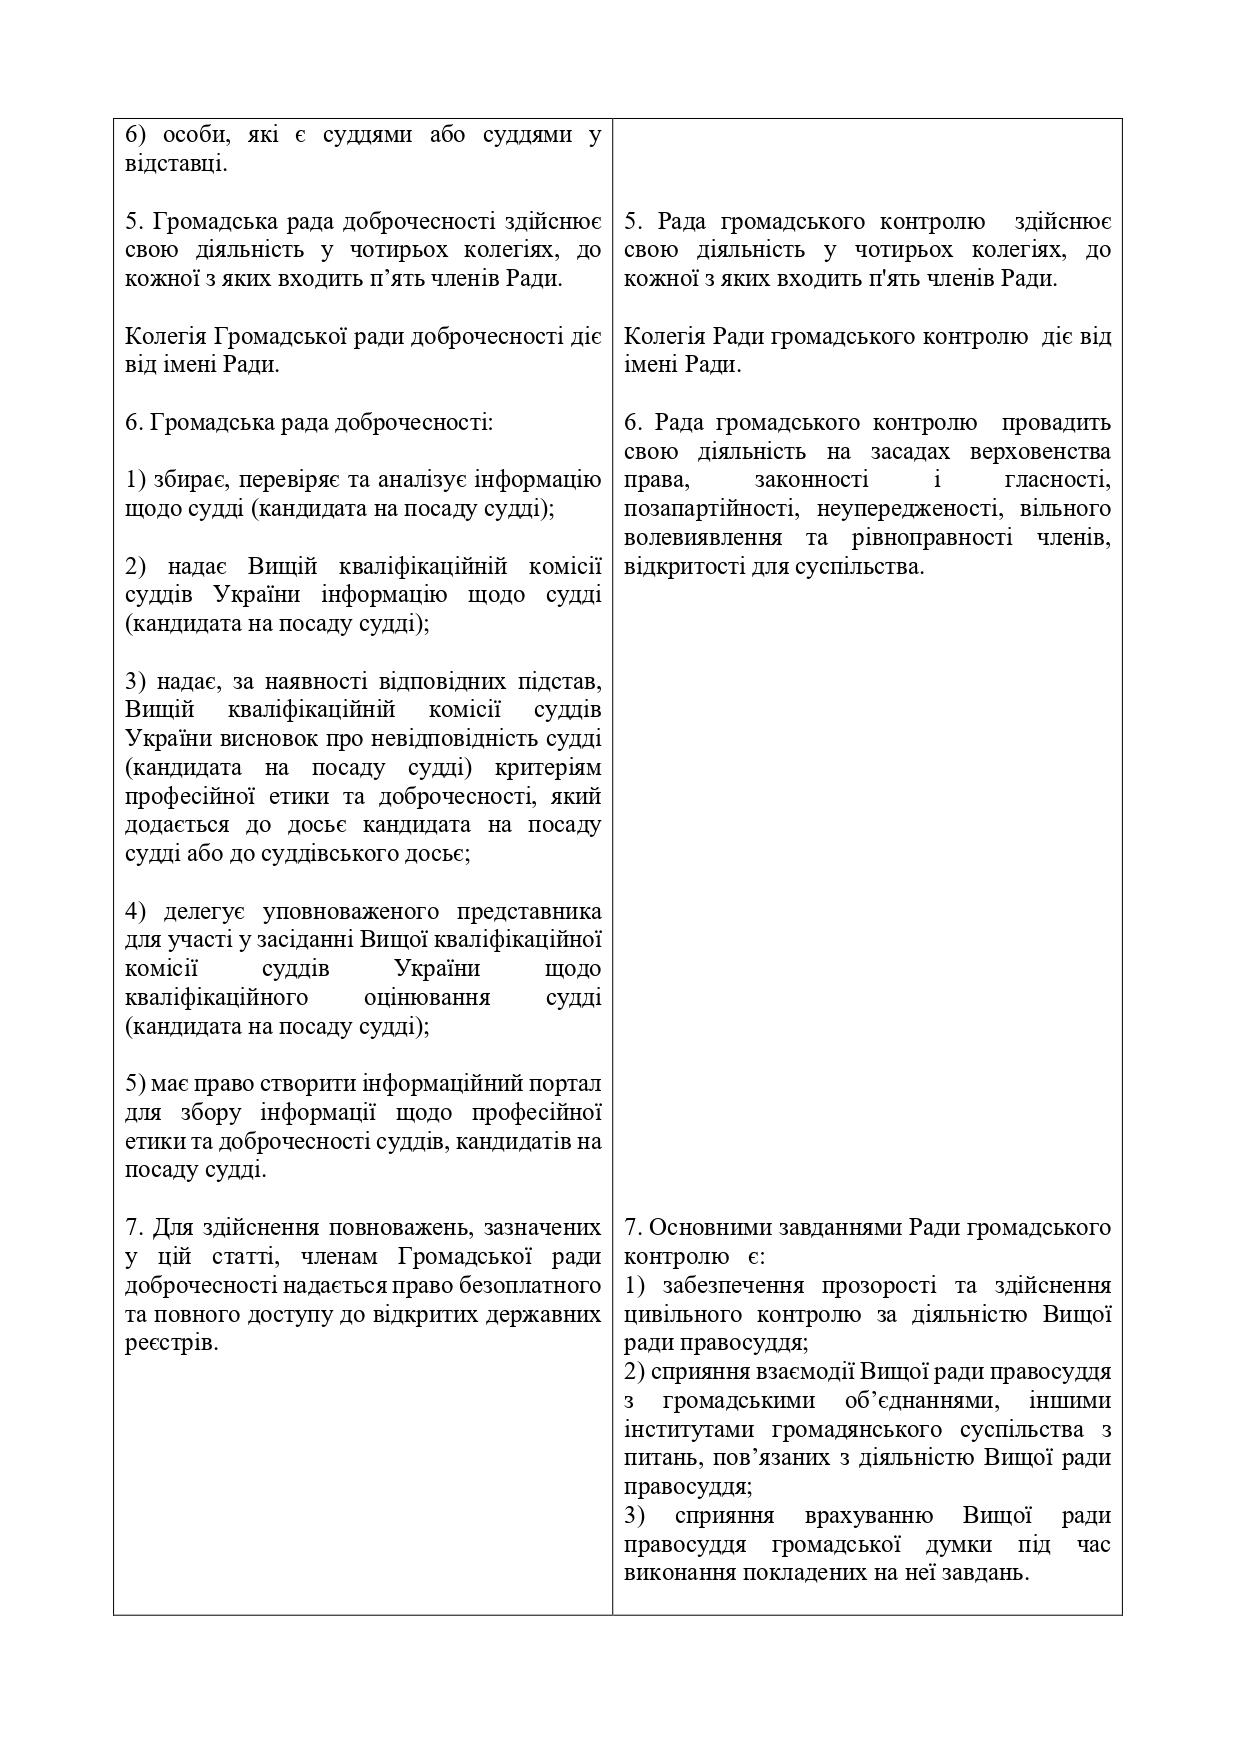 Висновок-АРССУ-щодо-№ 3534-21.07.2020_page-0022